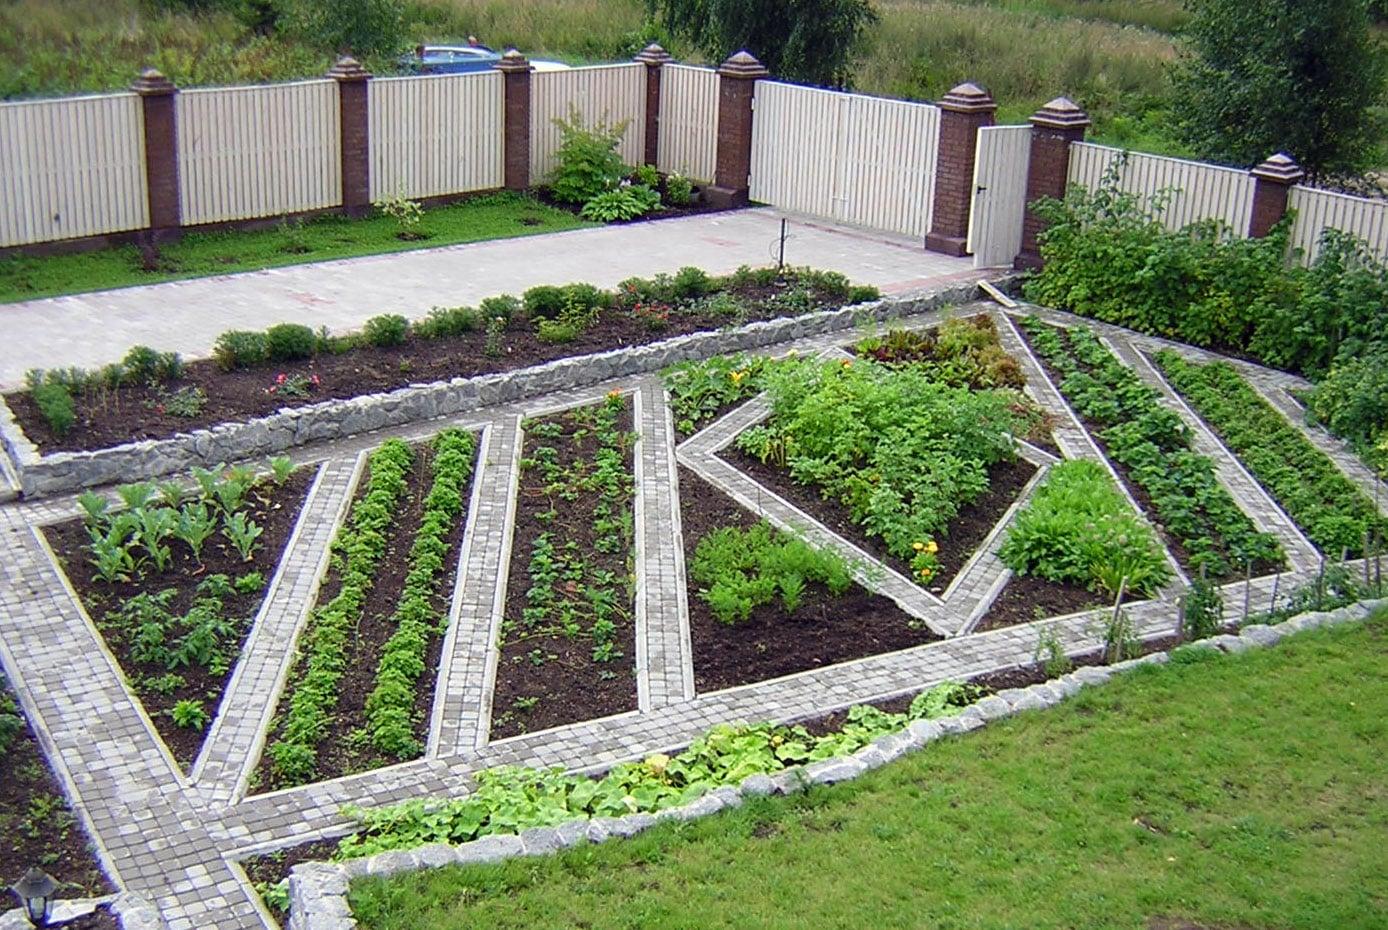 сад и огород дизайн своими руками фото кирове областной прокурор